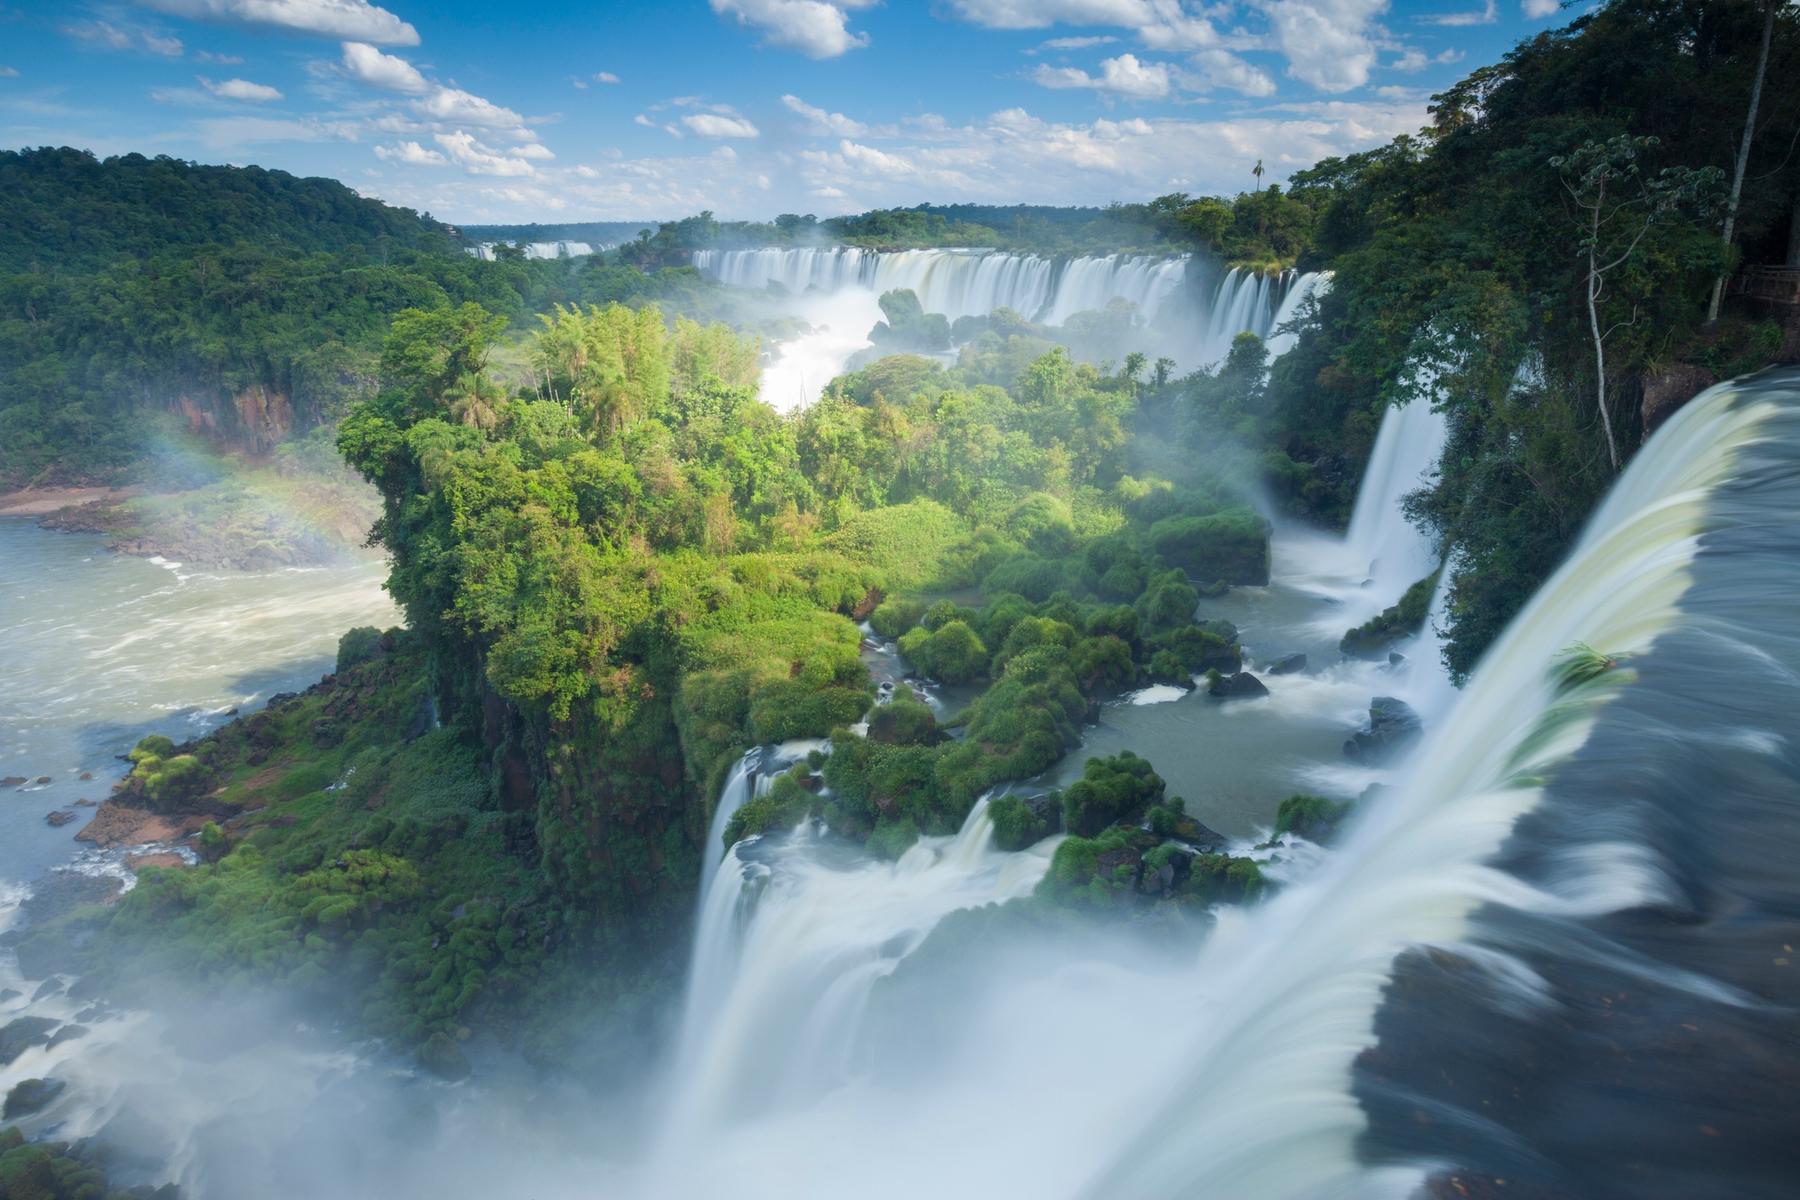 Los 20 lugares más espectaculares del mundo: Iguazú